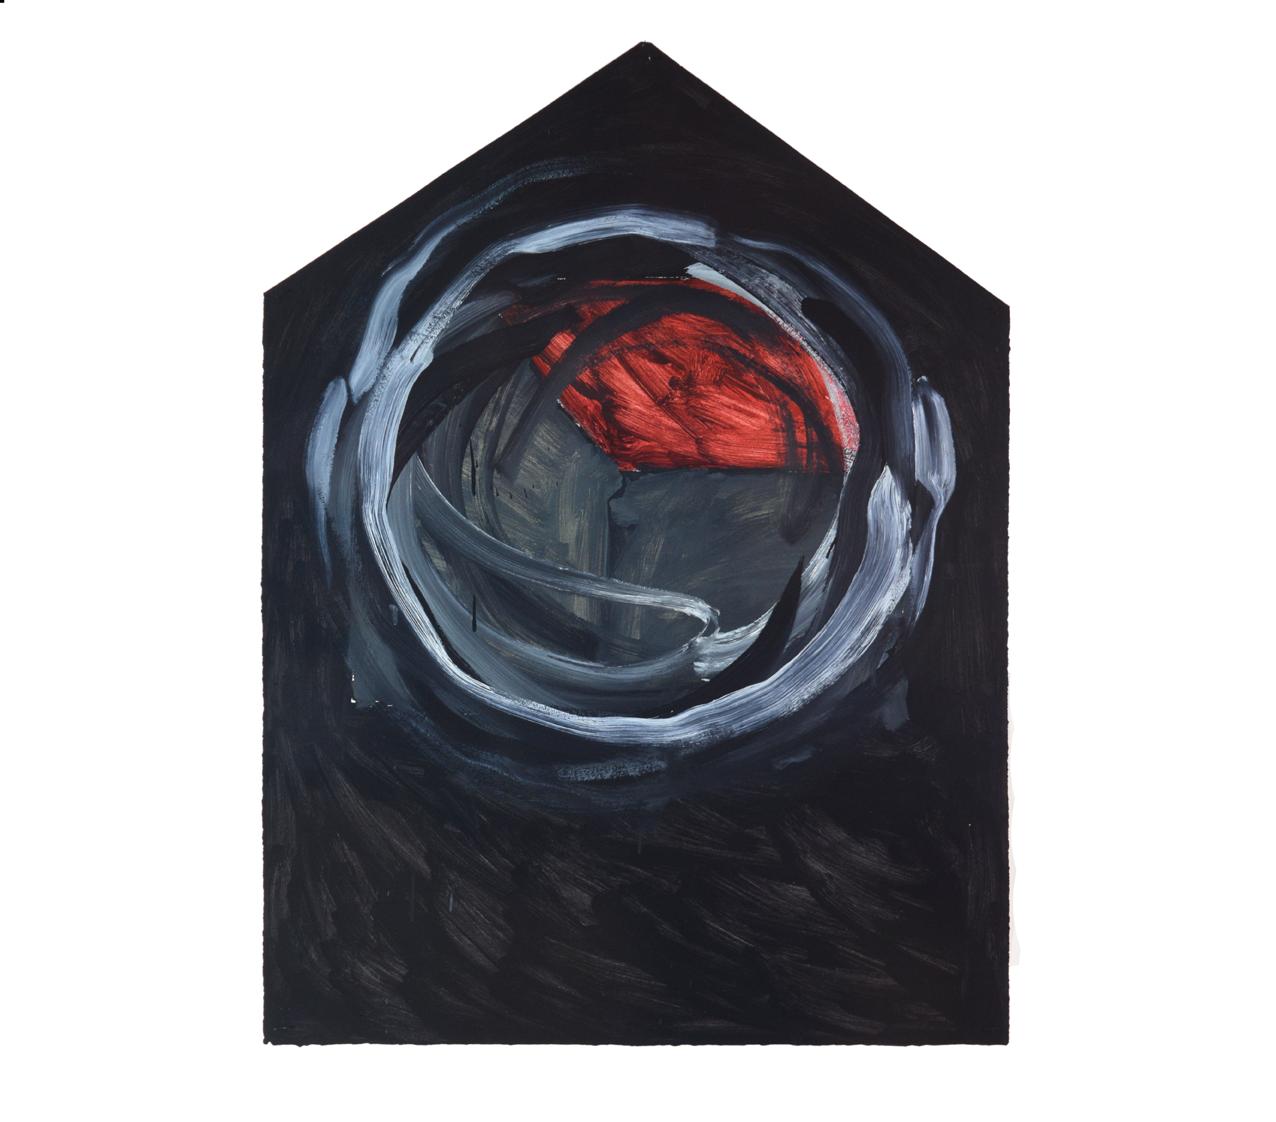 """""""Einzelhaus kreisförmig übermalt, schwarz"""" 1981, Öl auf Papier, 106 x 79 cm - Foto Hadler/Stur"""